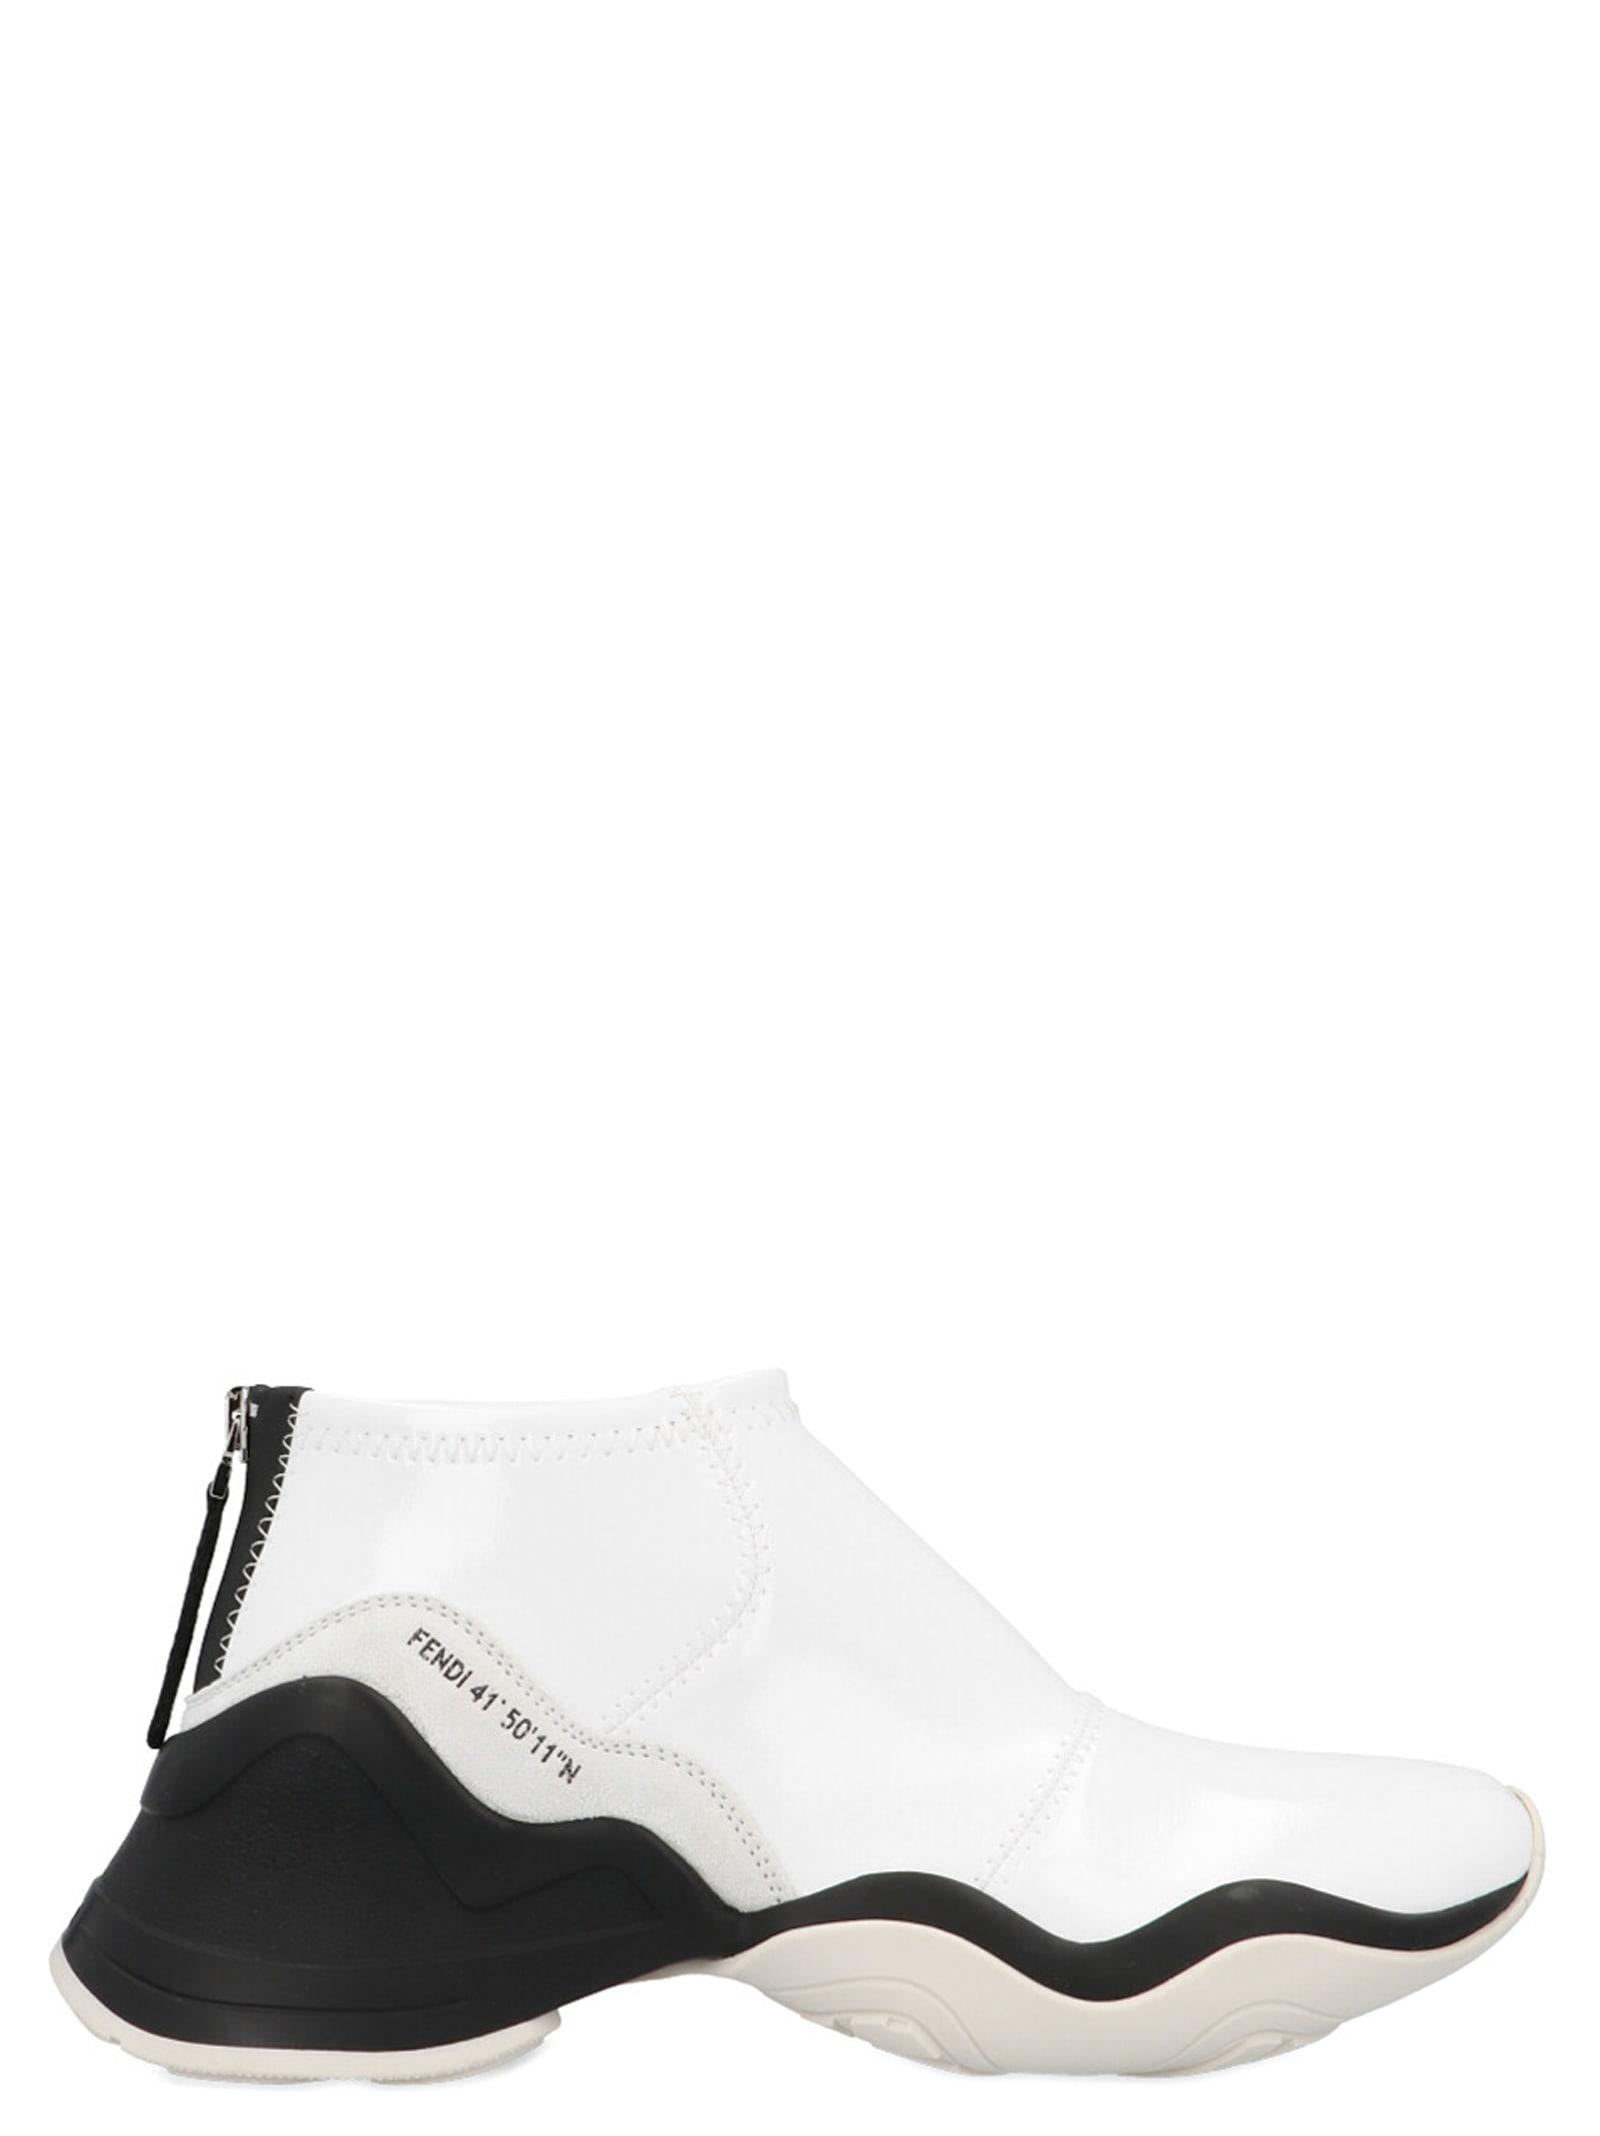 uk cheap sale buy online famous brand Fendi Shoes